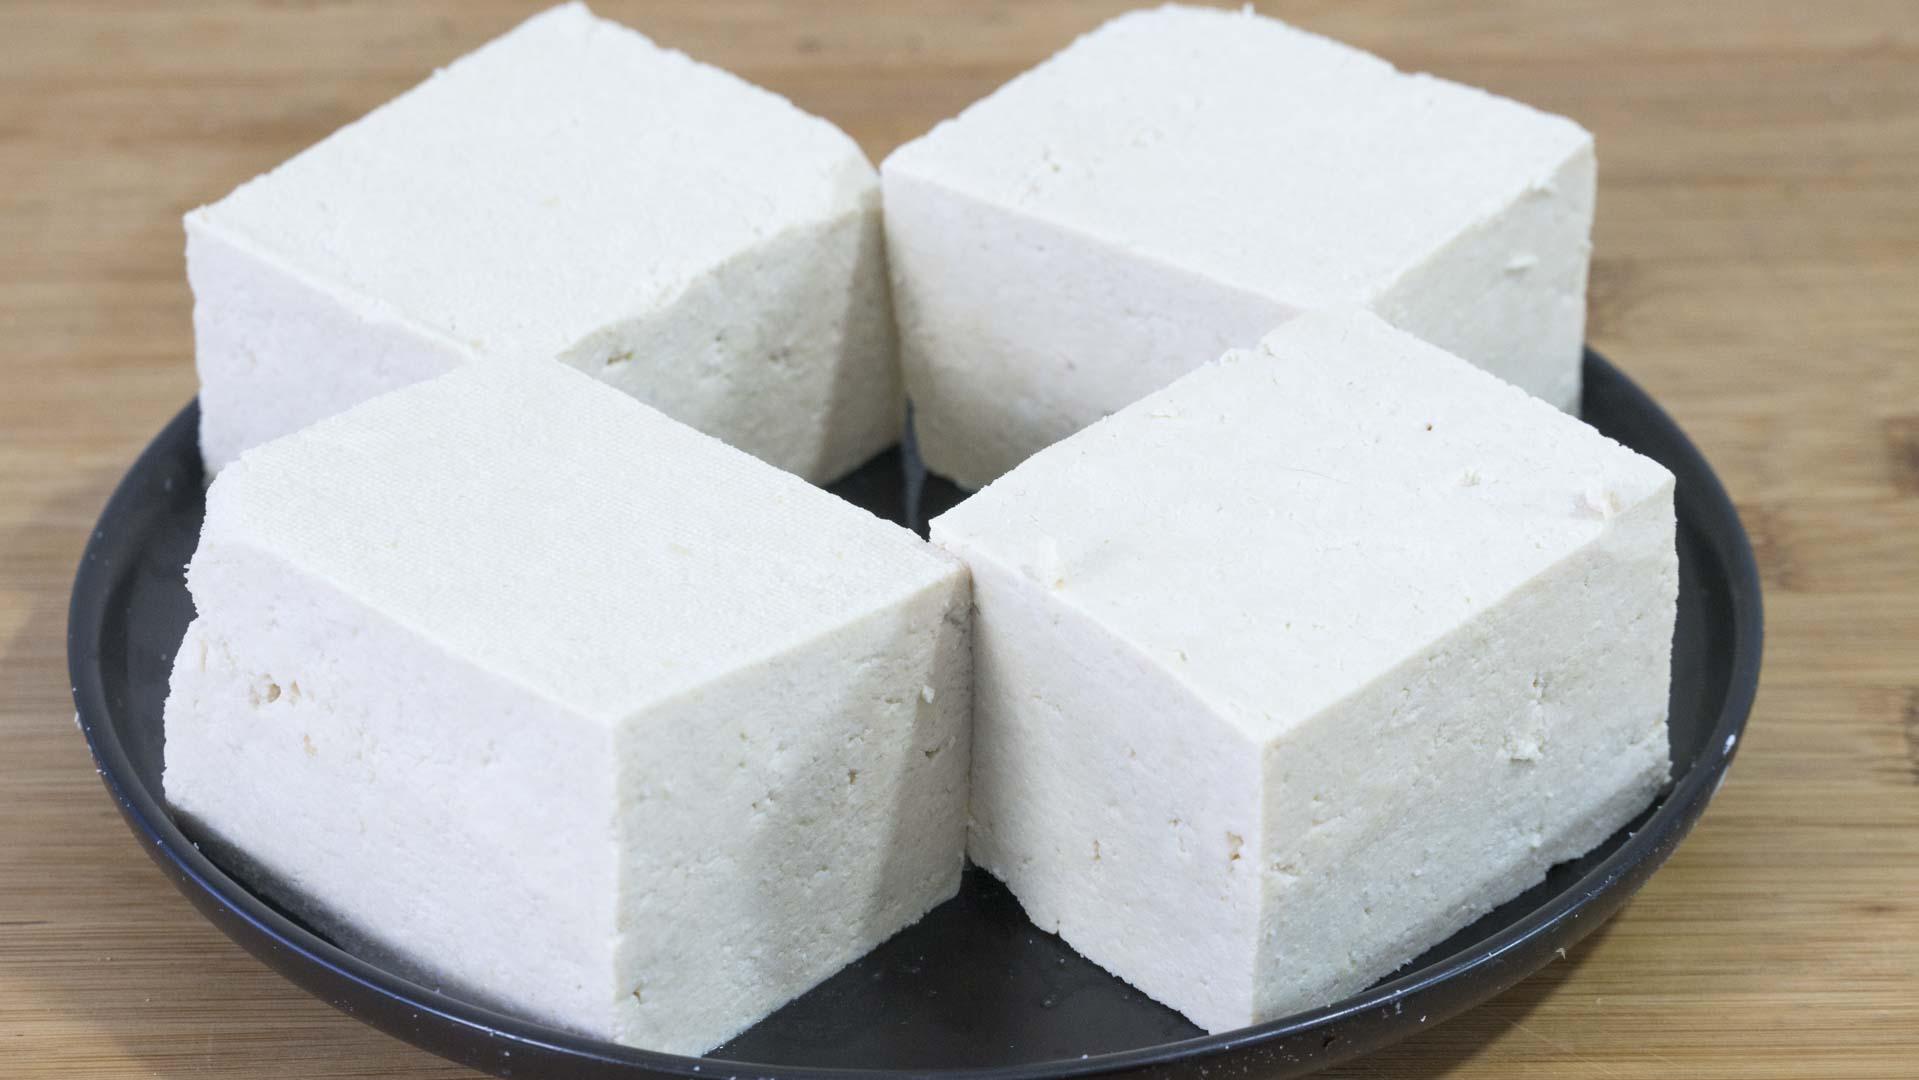 在家做豆腐,2斤黄豆出8斤豆腐,健康零添加,做法简单又好吃 美食做法 第16张